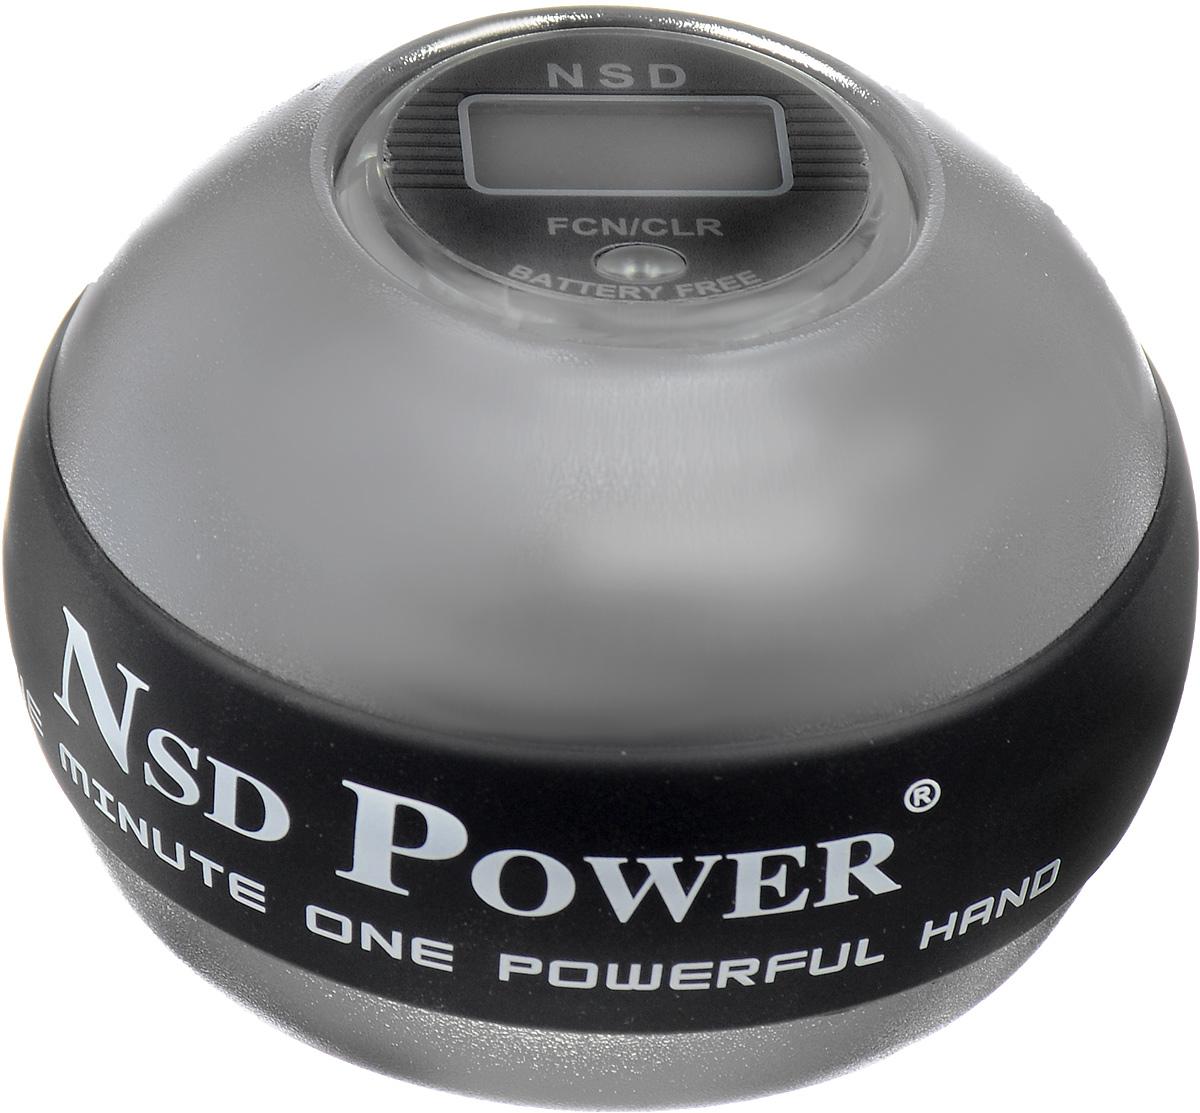 Тренажер кистевой NSD Power 888 Metal Titan. PB-888C SILVERPB-888C SILVERТренажер кистевой NSD Power 888 Metal Titan - выполнен из металла, со счетчиком. Один из самых мощных кистевых тренажеров. NSD Power 888 Metal Titan в 2,5 раза тяжелее пластиковых аналогов. Точная балансировка ротора позволяет раскручивать его до 20 тысяч оборотов в минуту, но даже на 10 тысяч оборотов в минуту вы получите сильнейшую нагрузку на кисть. Новинка обладает повышенной прочностью и долгим сроком службы. В комплект входит инструкция и 2 шнурка для раскрутки. Диаметр тренажера: 6 см.